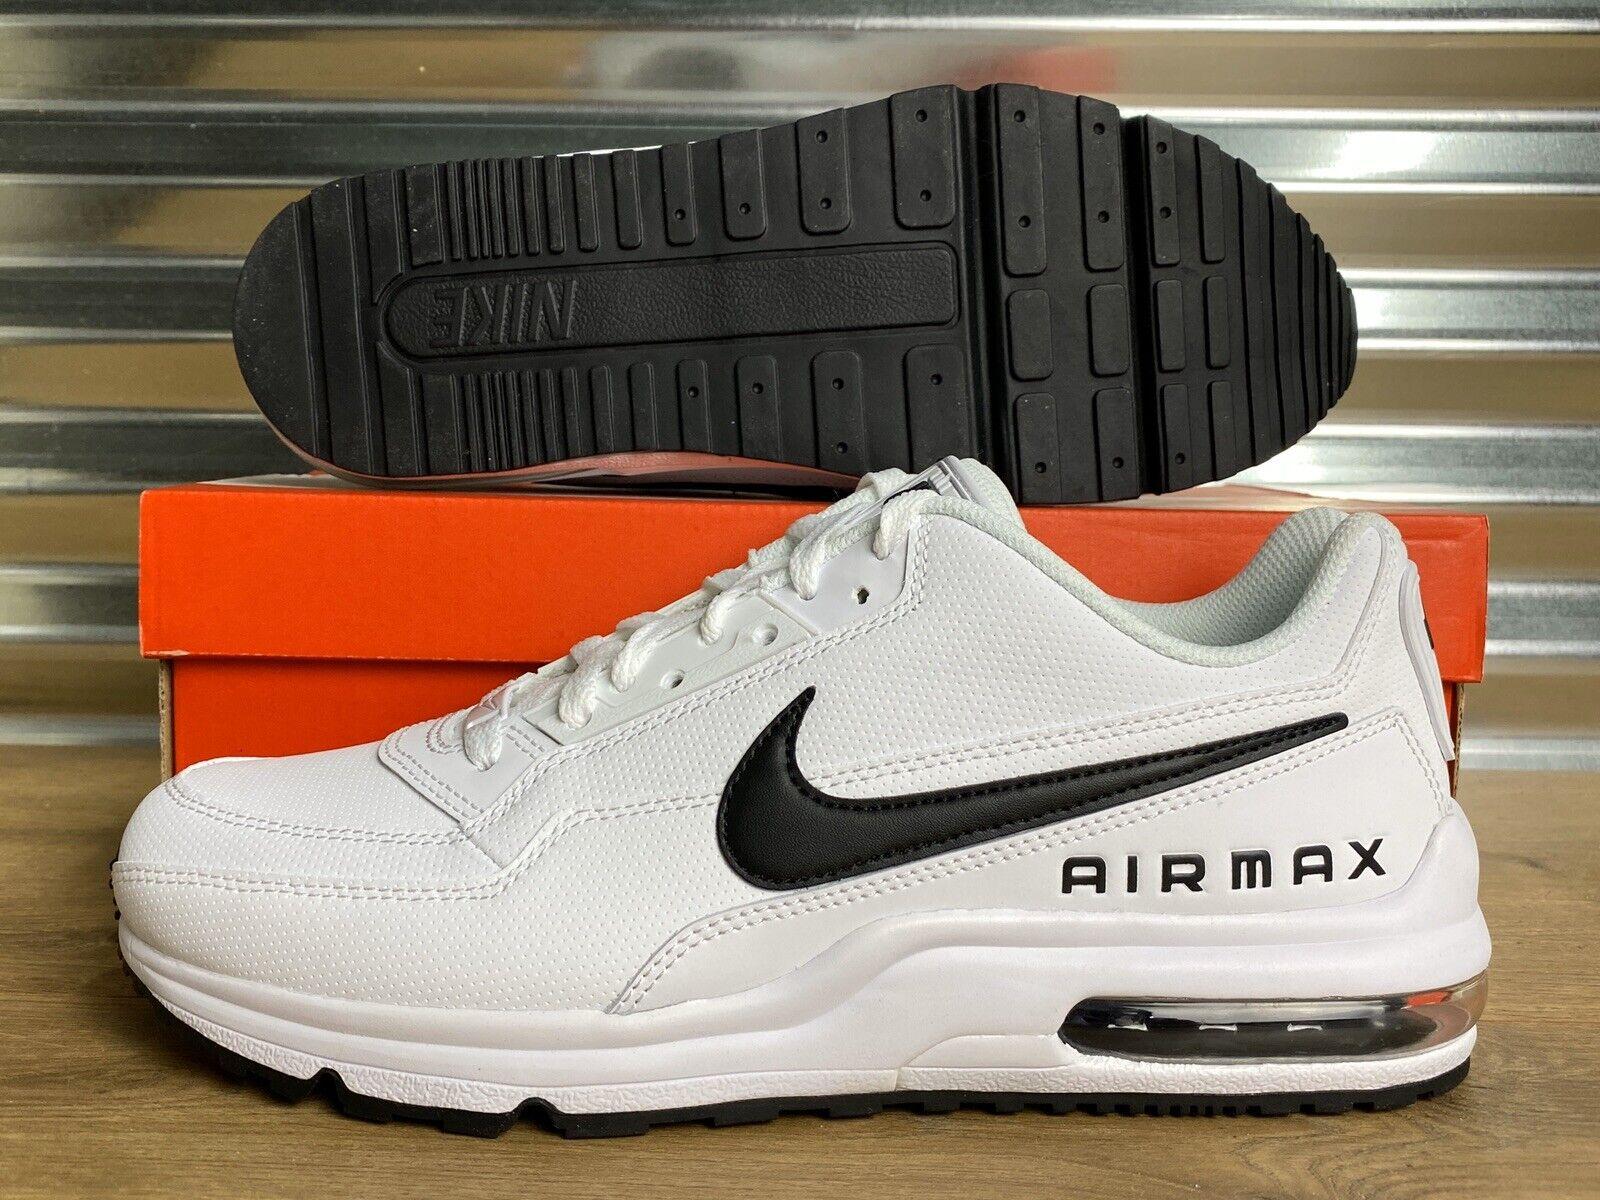 Nike Air Max LTD 3 Shoes White Black OREO Mens SZ ( 687977 107 )